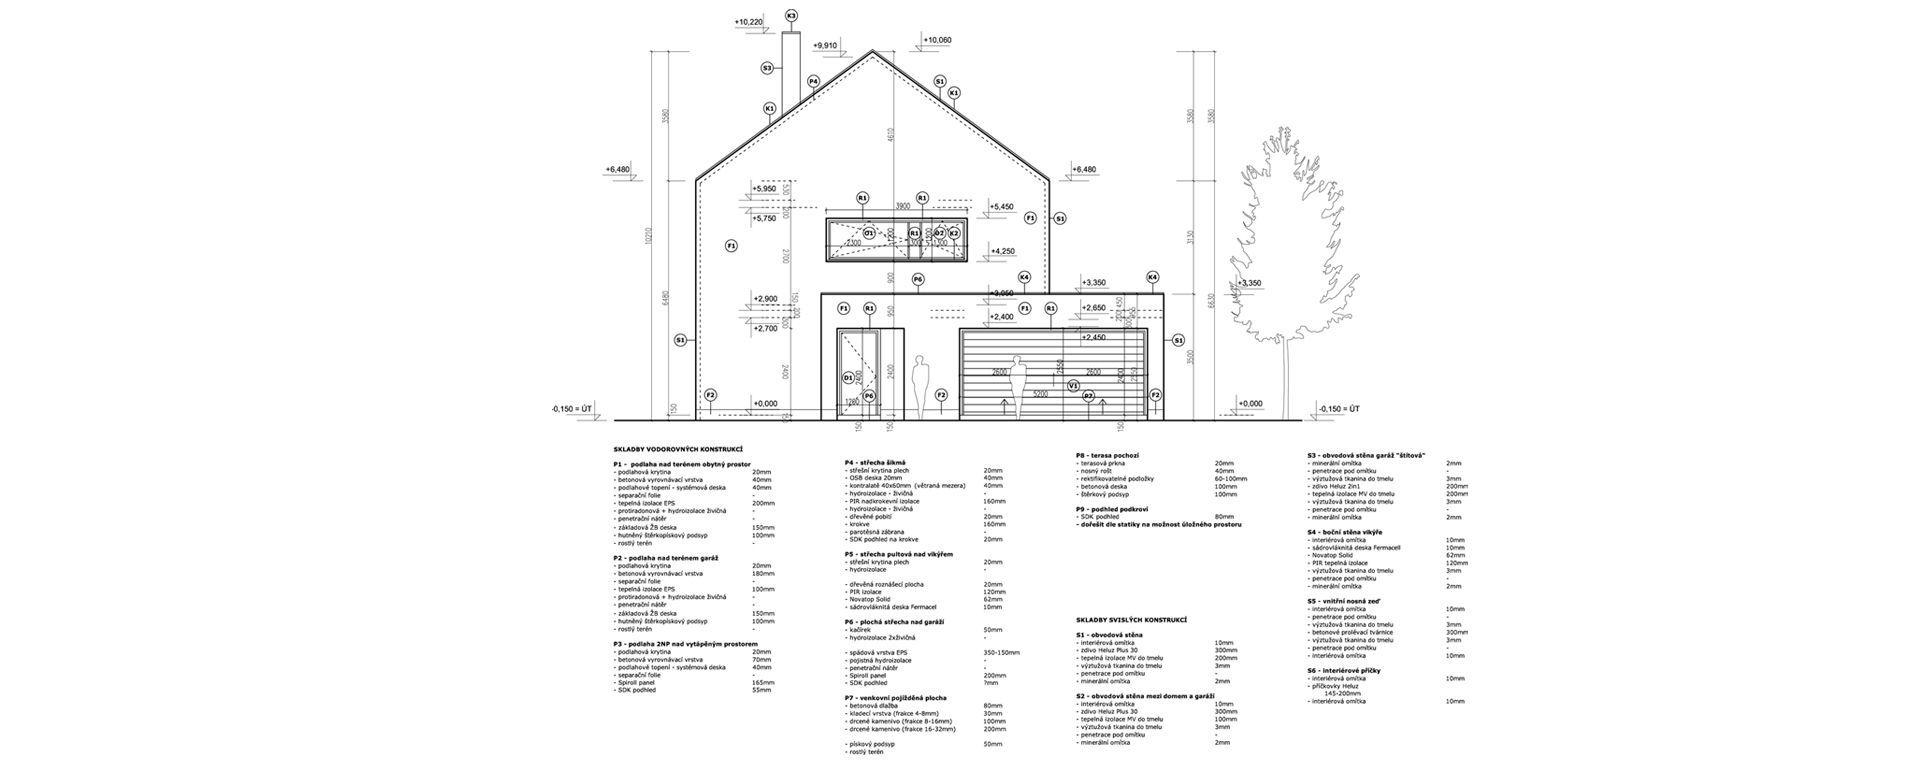 Novostavba rodinného domu / vily do Žďáru nad Sázavou, architektonická studie a realizace, Žďár nad Sázavou, 2016-2018, CZ